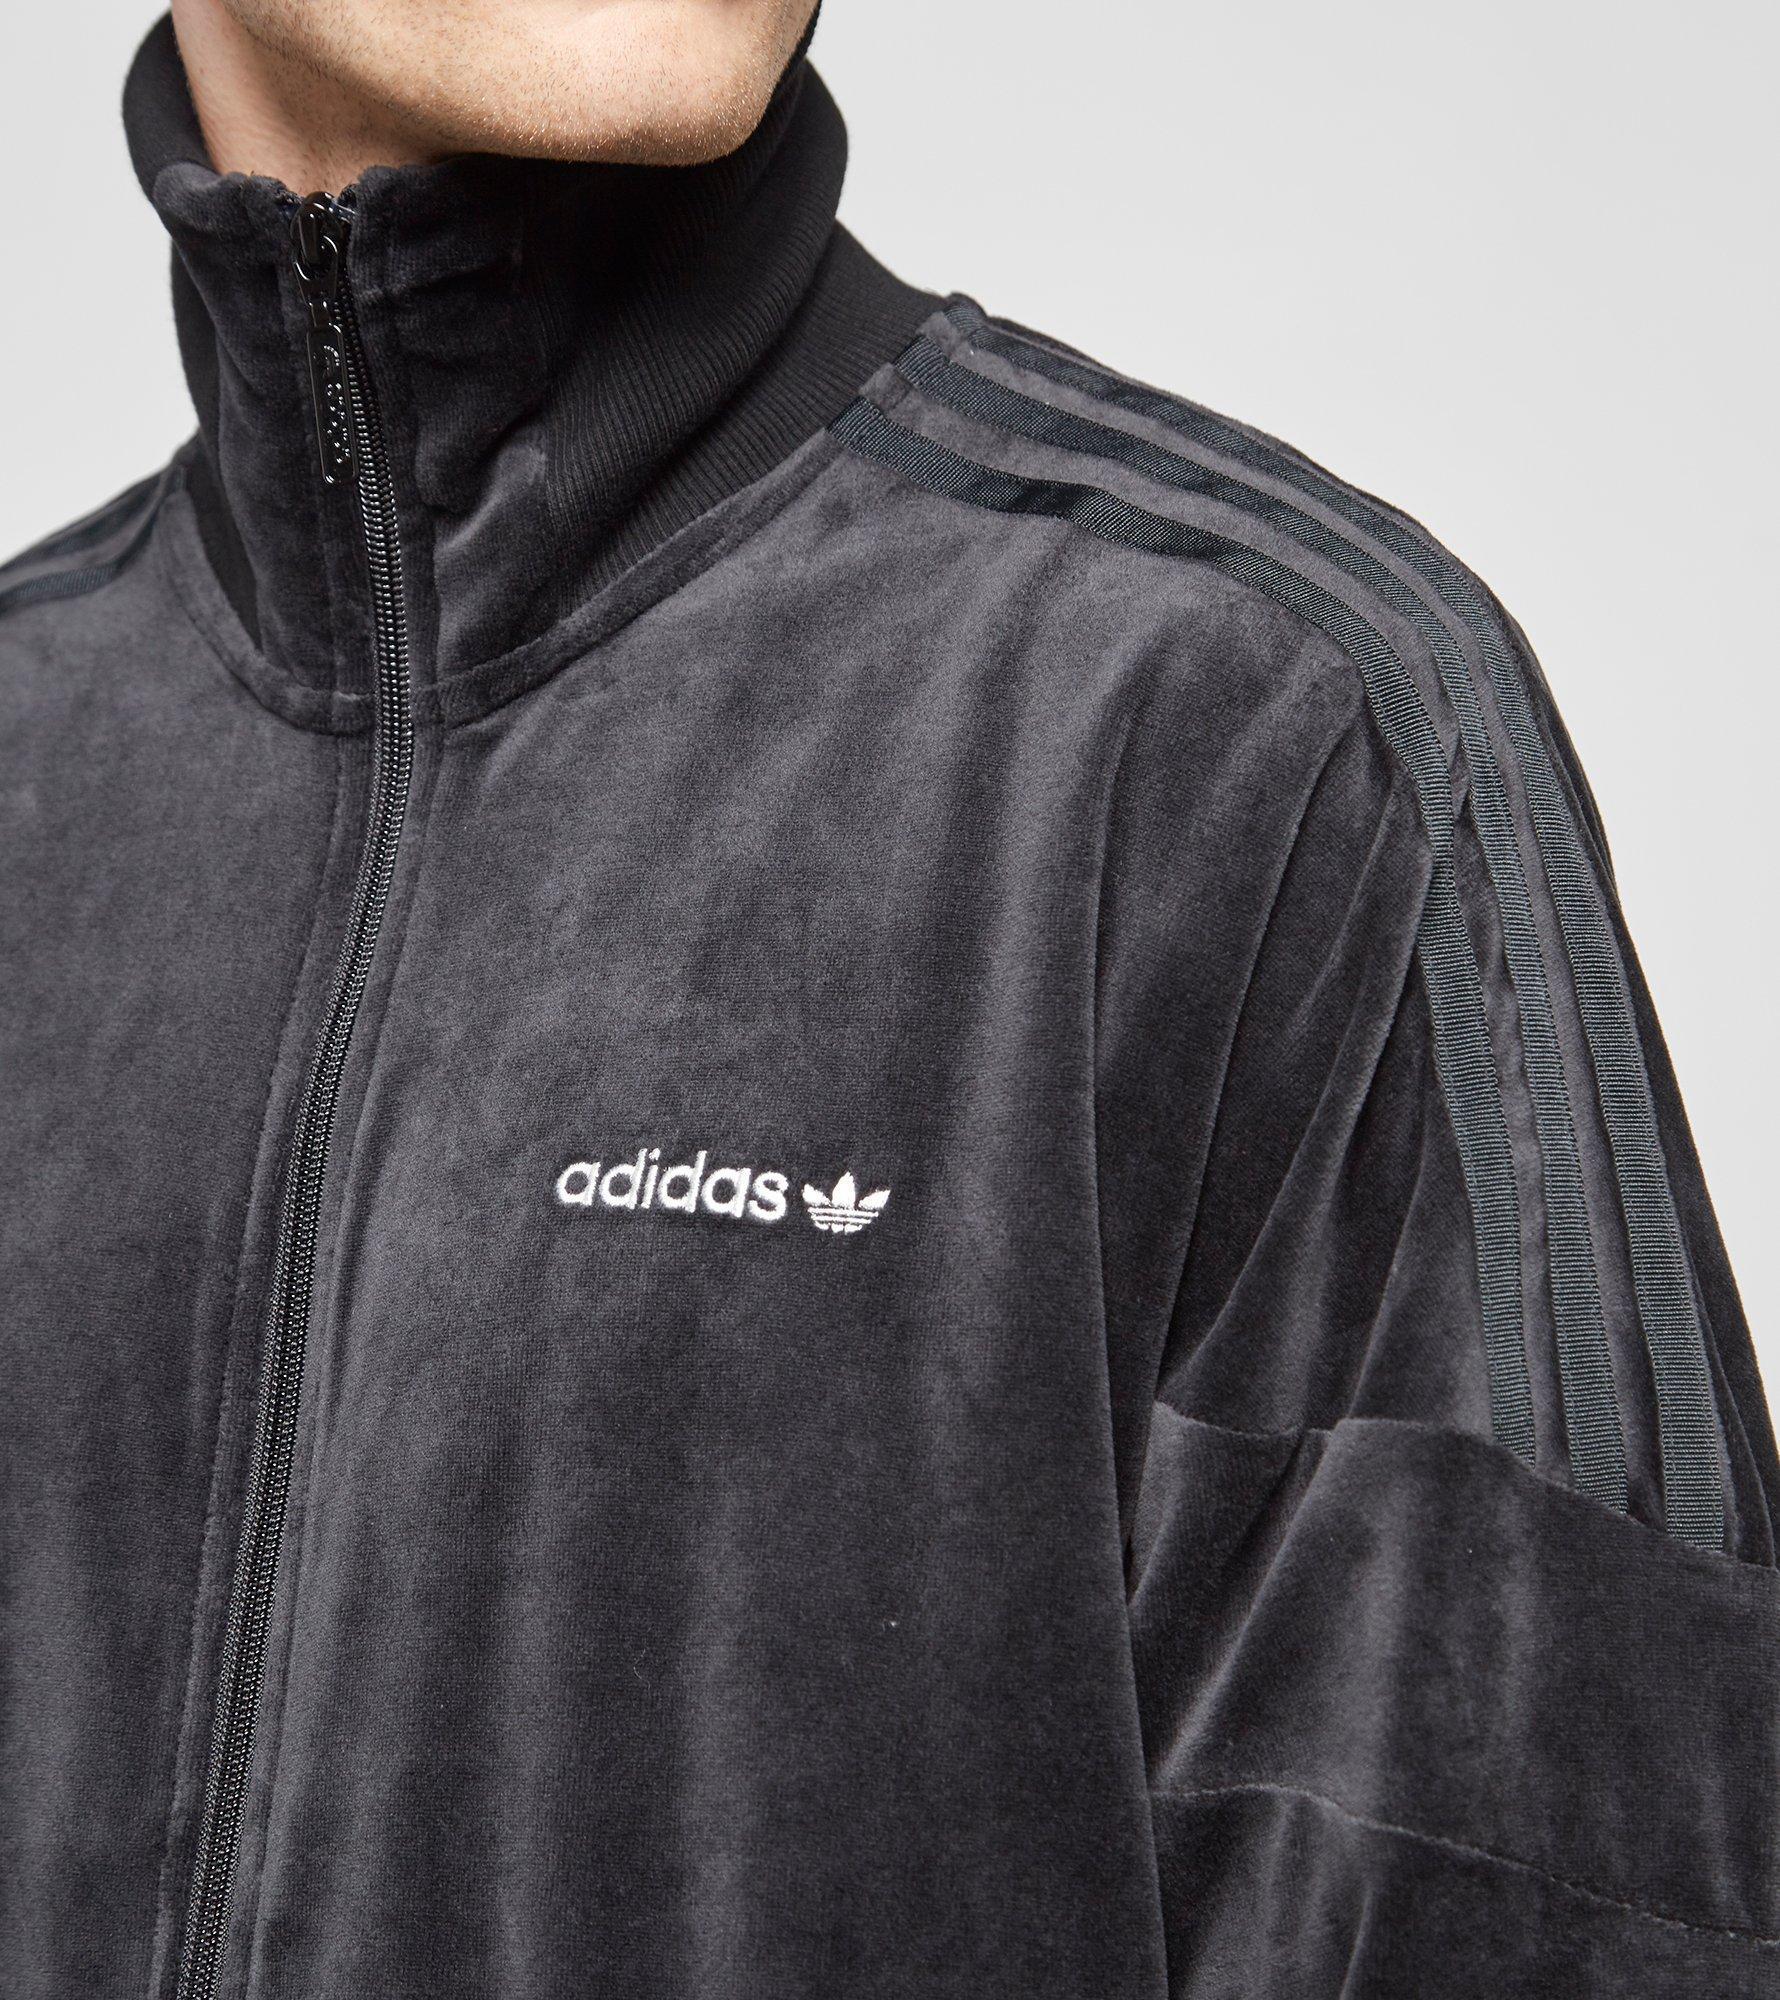 Adidas Originals Clr84 Velour Track Top In Black For Men